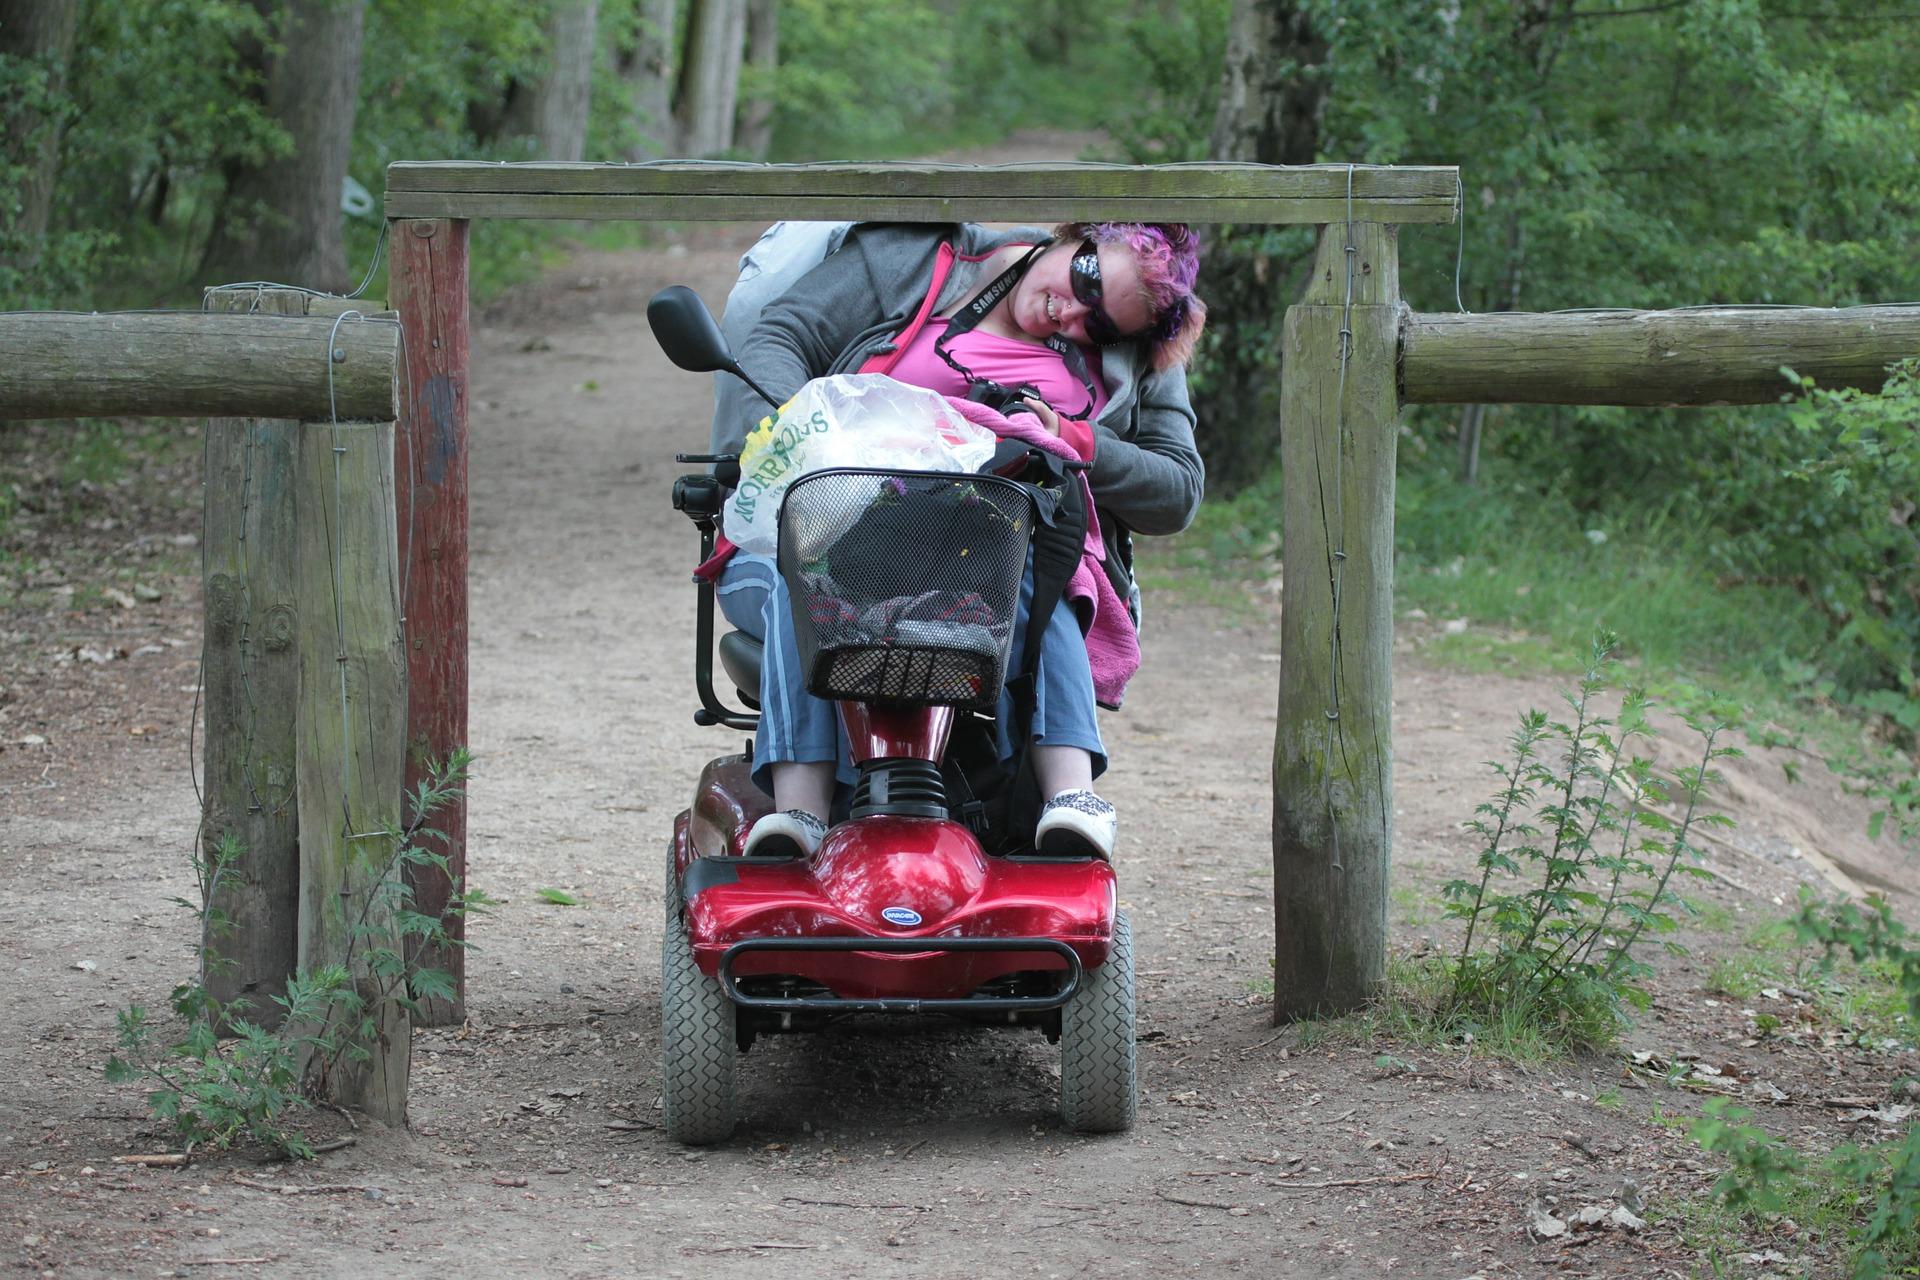 Rollstuhl - Foto: Marketsomarketing, Pixabay